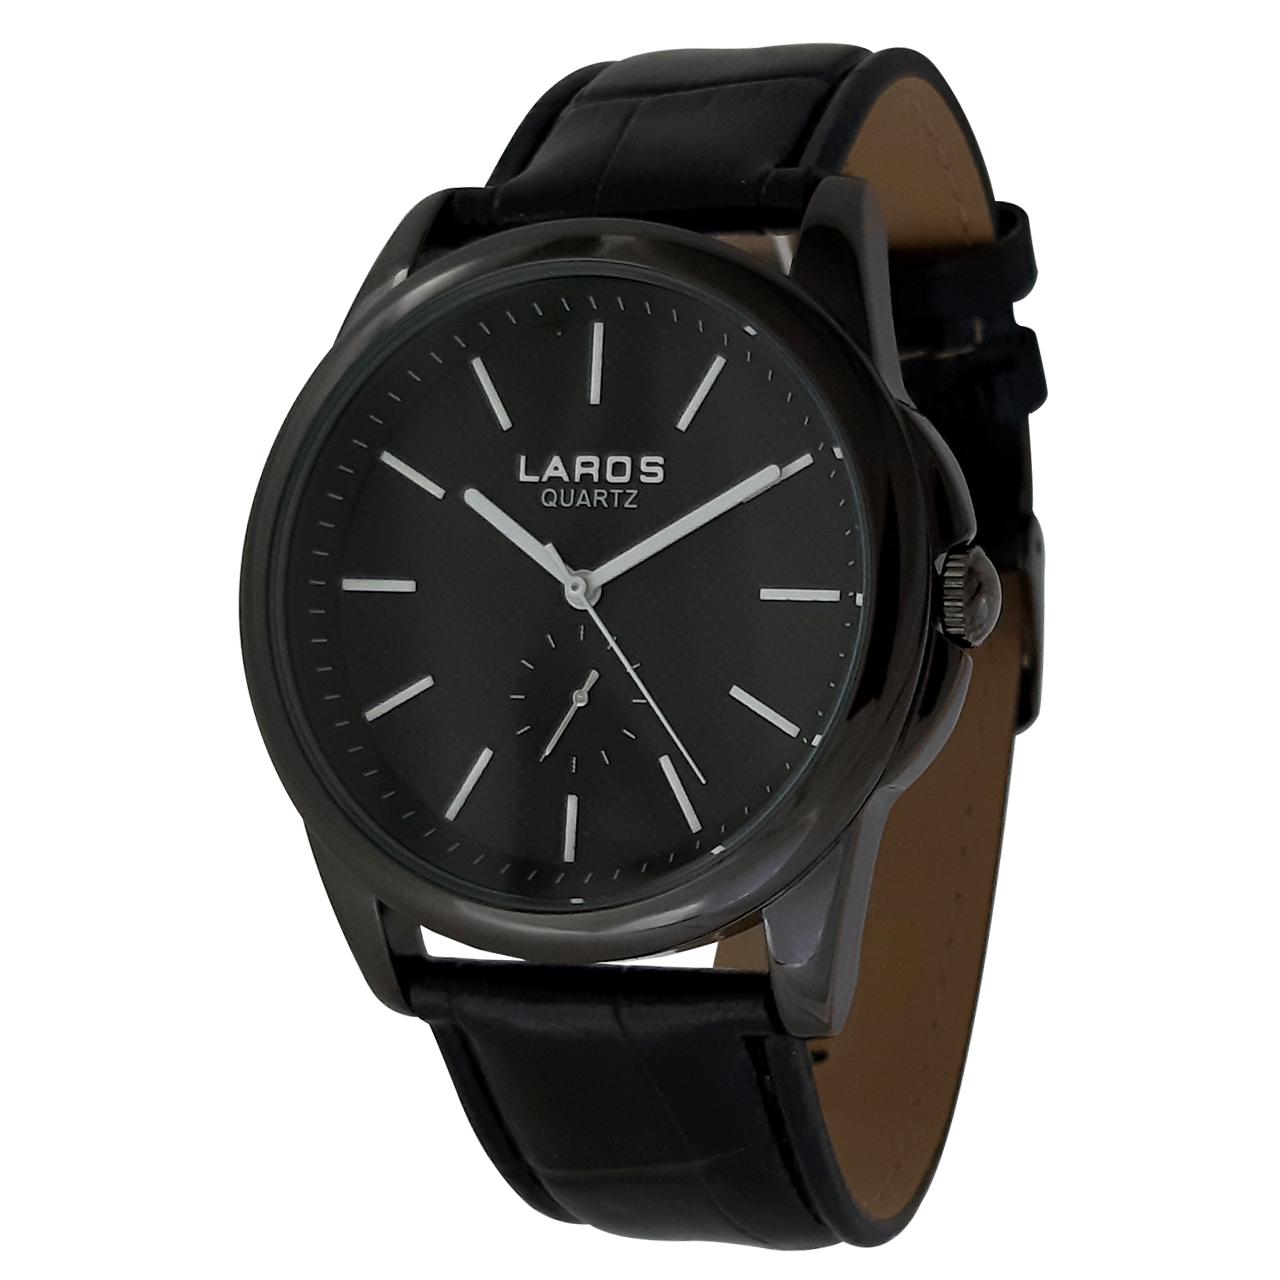 ساعت مچی عقربه ای مردانه لاروس مدل 1117-80119-s به همراه دستمال مخصوص برند کلین واچ